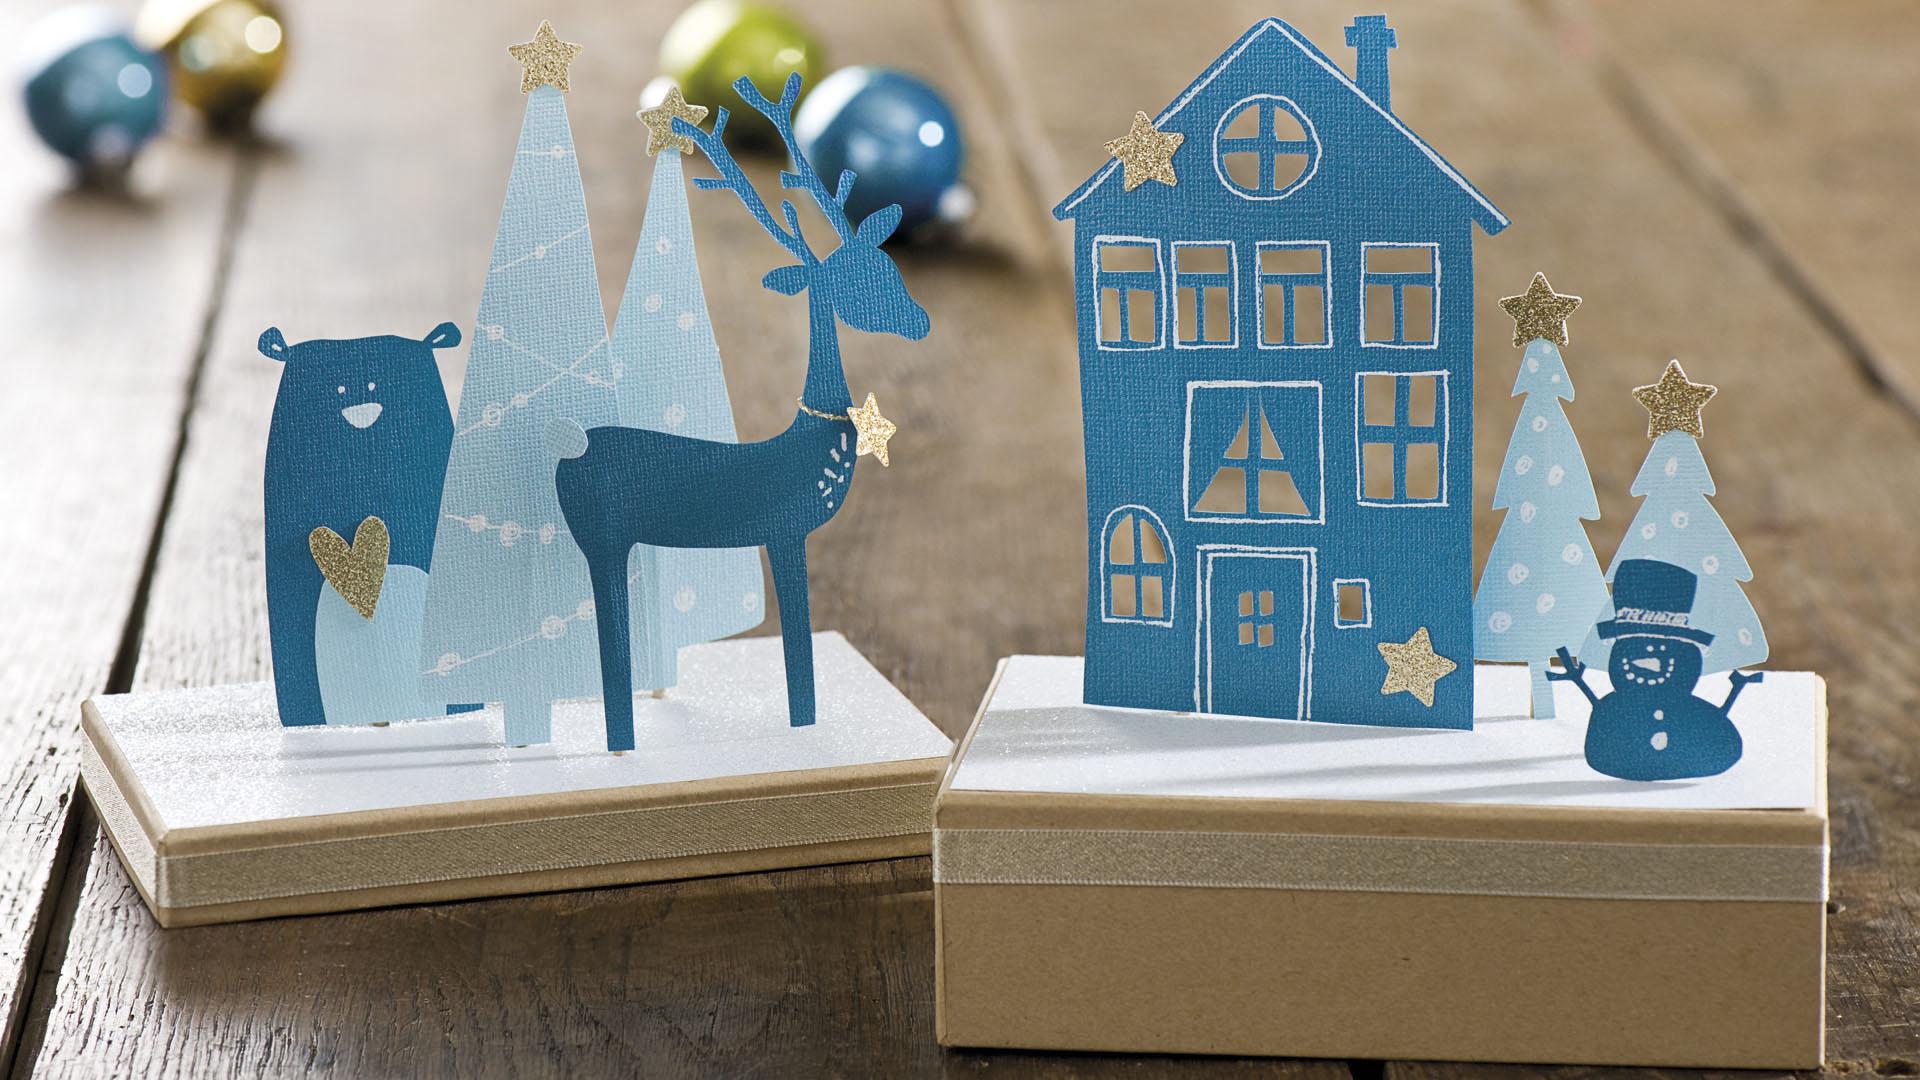 Ideen für Weihnachten: Winterweihnachtswunderland